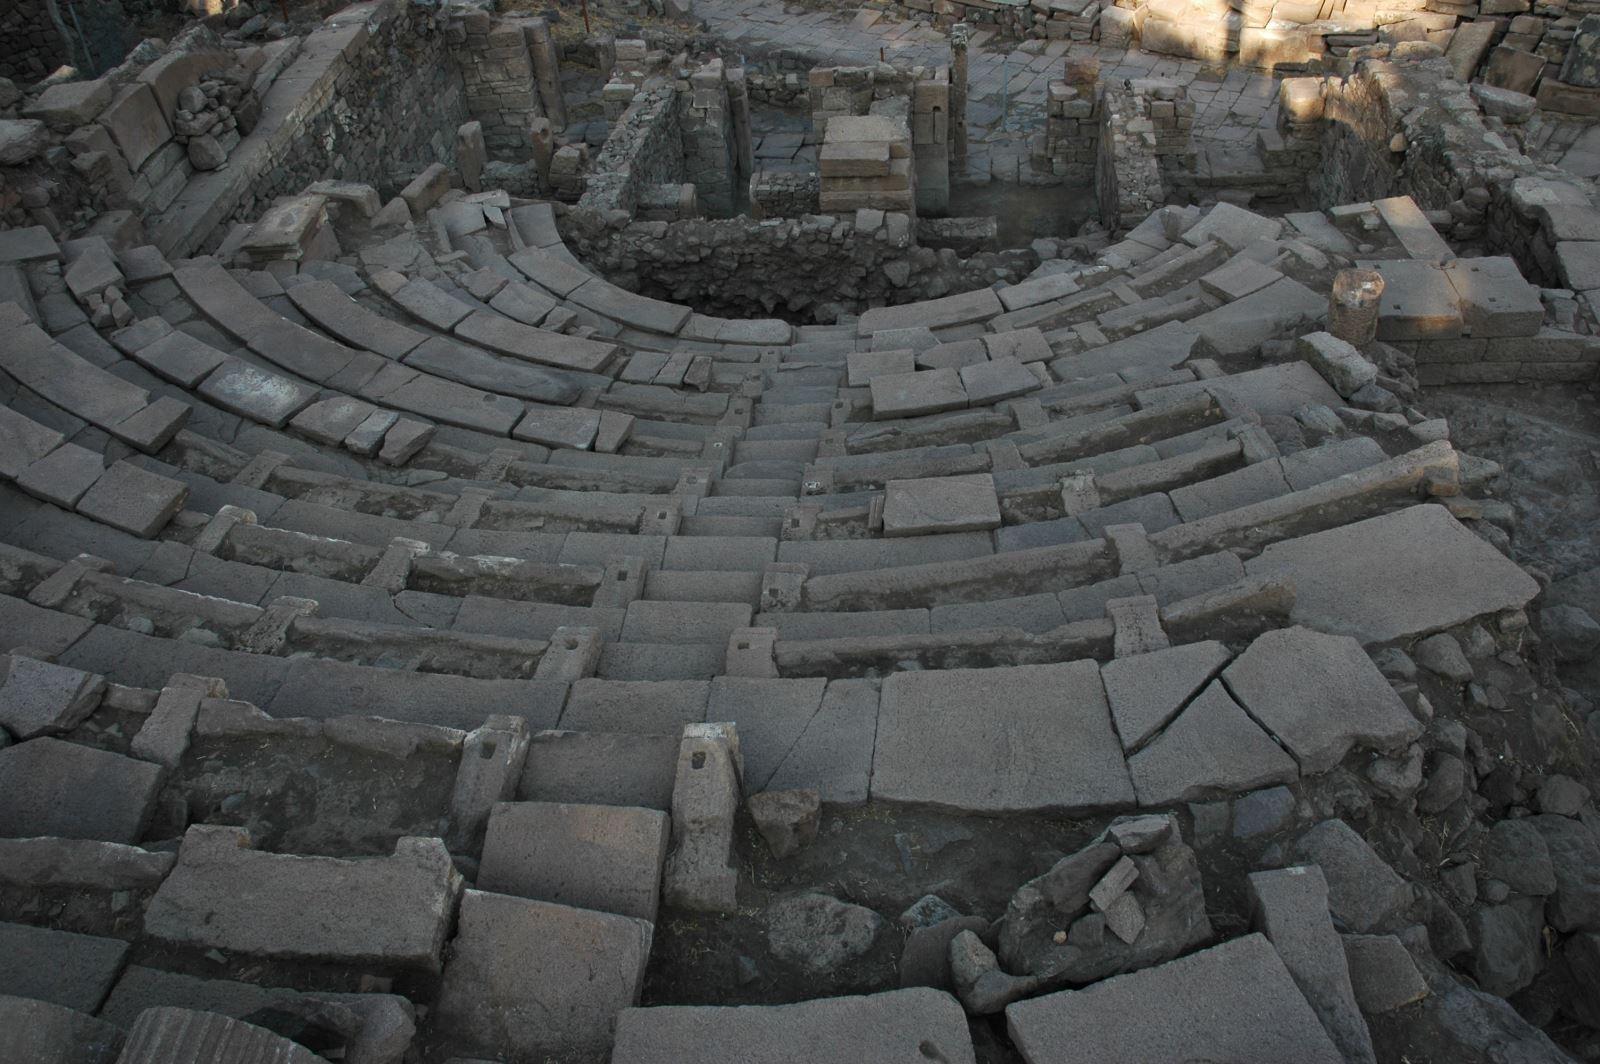 aigai antik kenti kultur portali